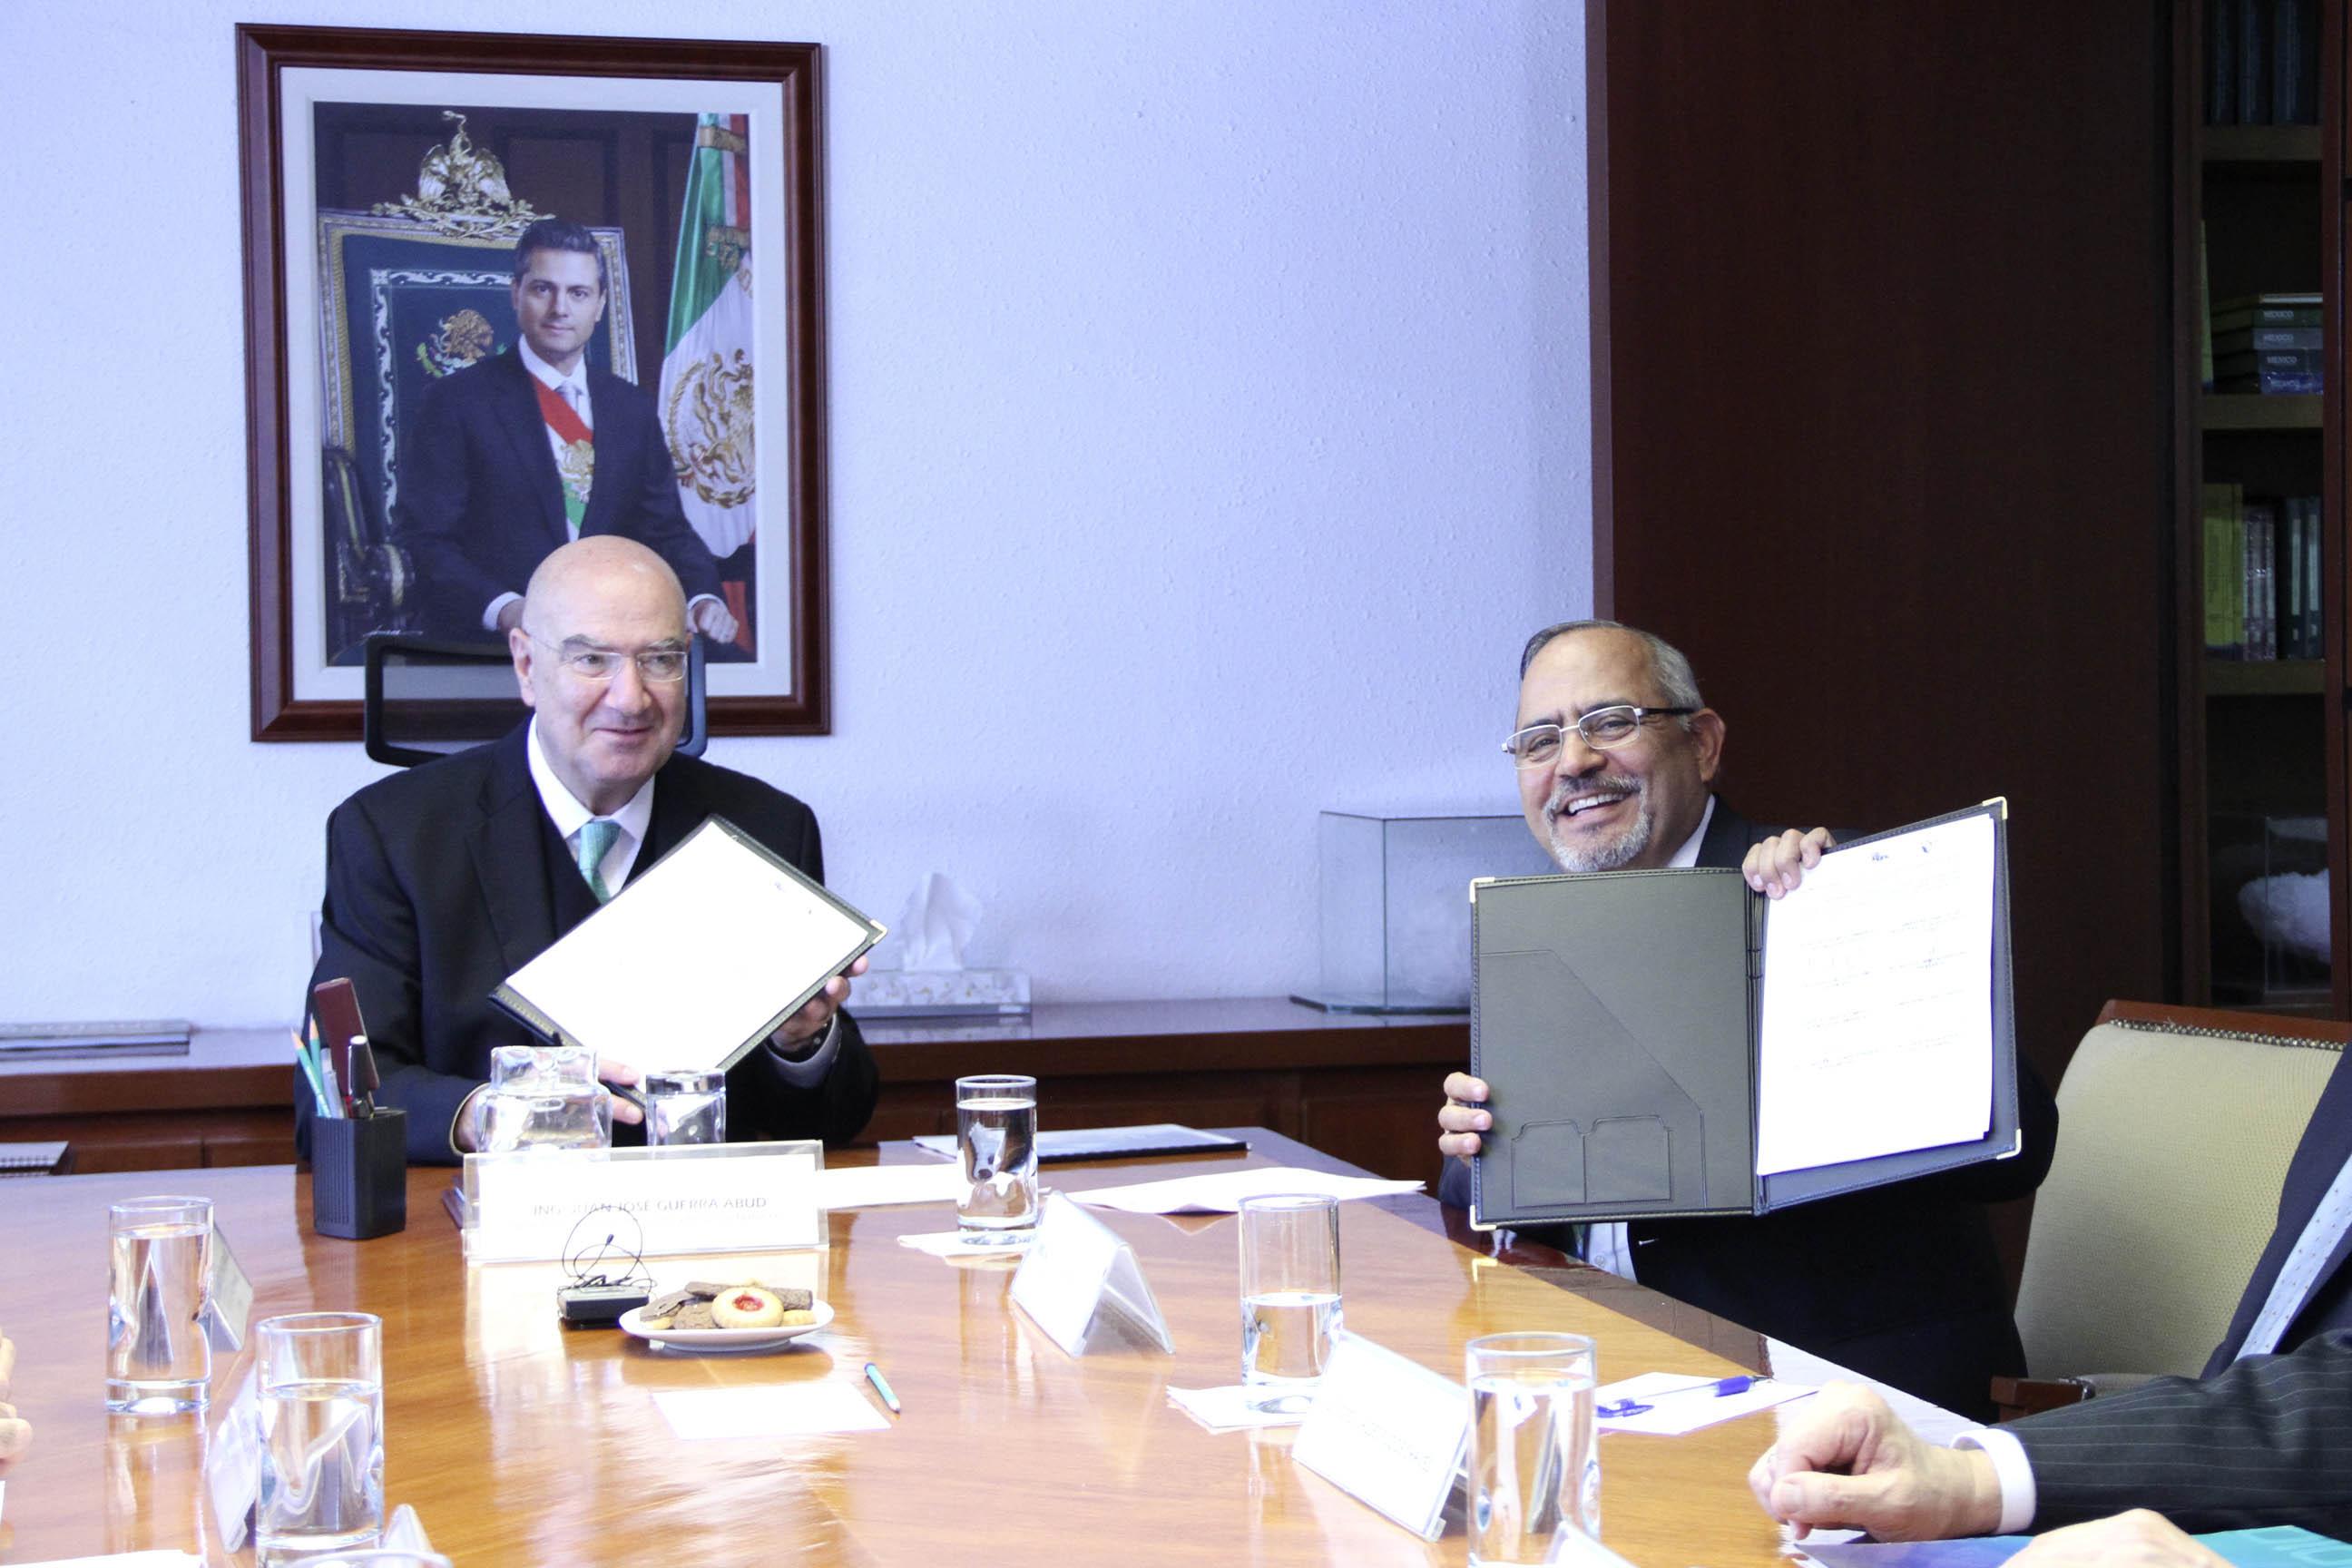 Guerra Abud firma convenio a favor del desarrollo y uso racional de los recursos forestales